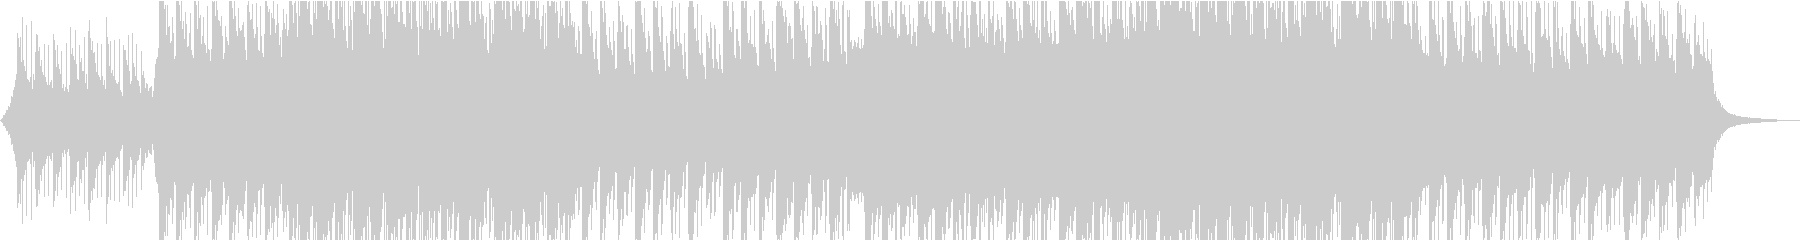 印象に残るメロディのピアノ・ストリングスの未再生の波形